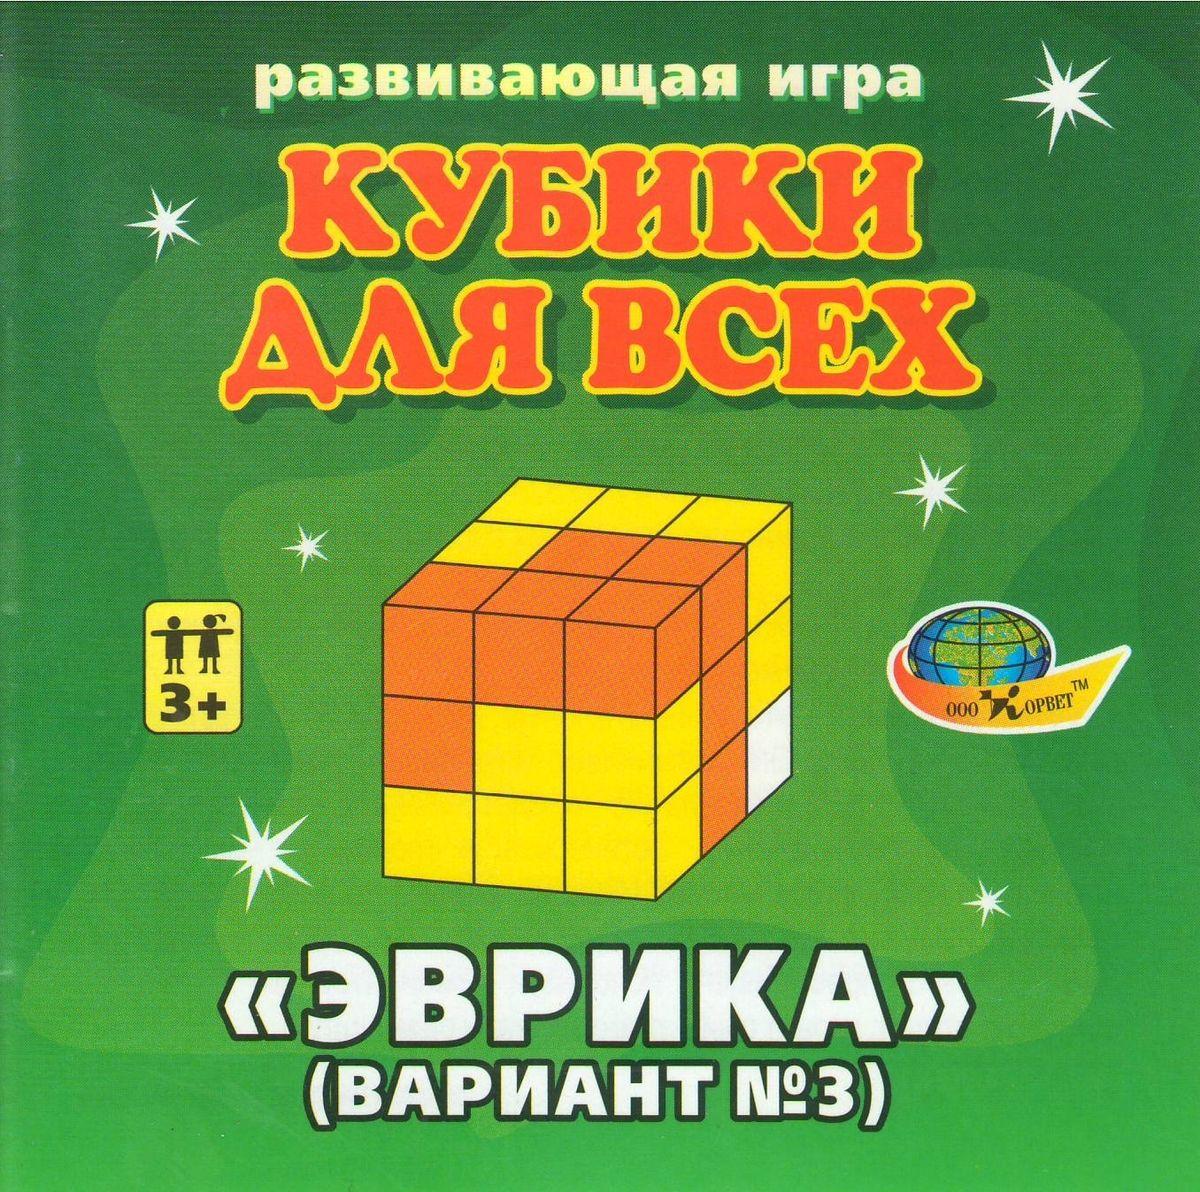 Корвет Обучающая игра Кубики Эврика4680000430524В состав каждой игры входят 27 отдельных кубиков, соединённых между собой определенным образом, в результате чего получаются фигуры разной конфигурации. Вариант №3 состоит из восьми фигур: пять «уголков», две фигуры похожих на букву «Г» и одна фигура похожая на букву «Т». Из набора фигур можно сложить огромное количество красивых построек, а самая главная задача игры: сложить куб 3х3х3 разными способами. Последовательность предлагаемых задач в инструкции условна. Вариант игры Эврика: как и все логические кубики развивают пространственное мышление, воображение, память (особенно зрительную), творческие способности, смекалку и сообразительность.